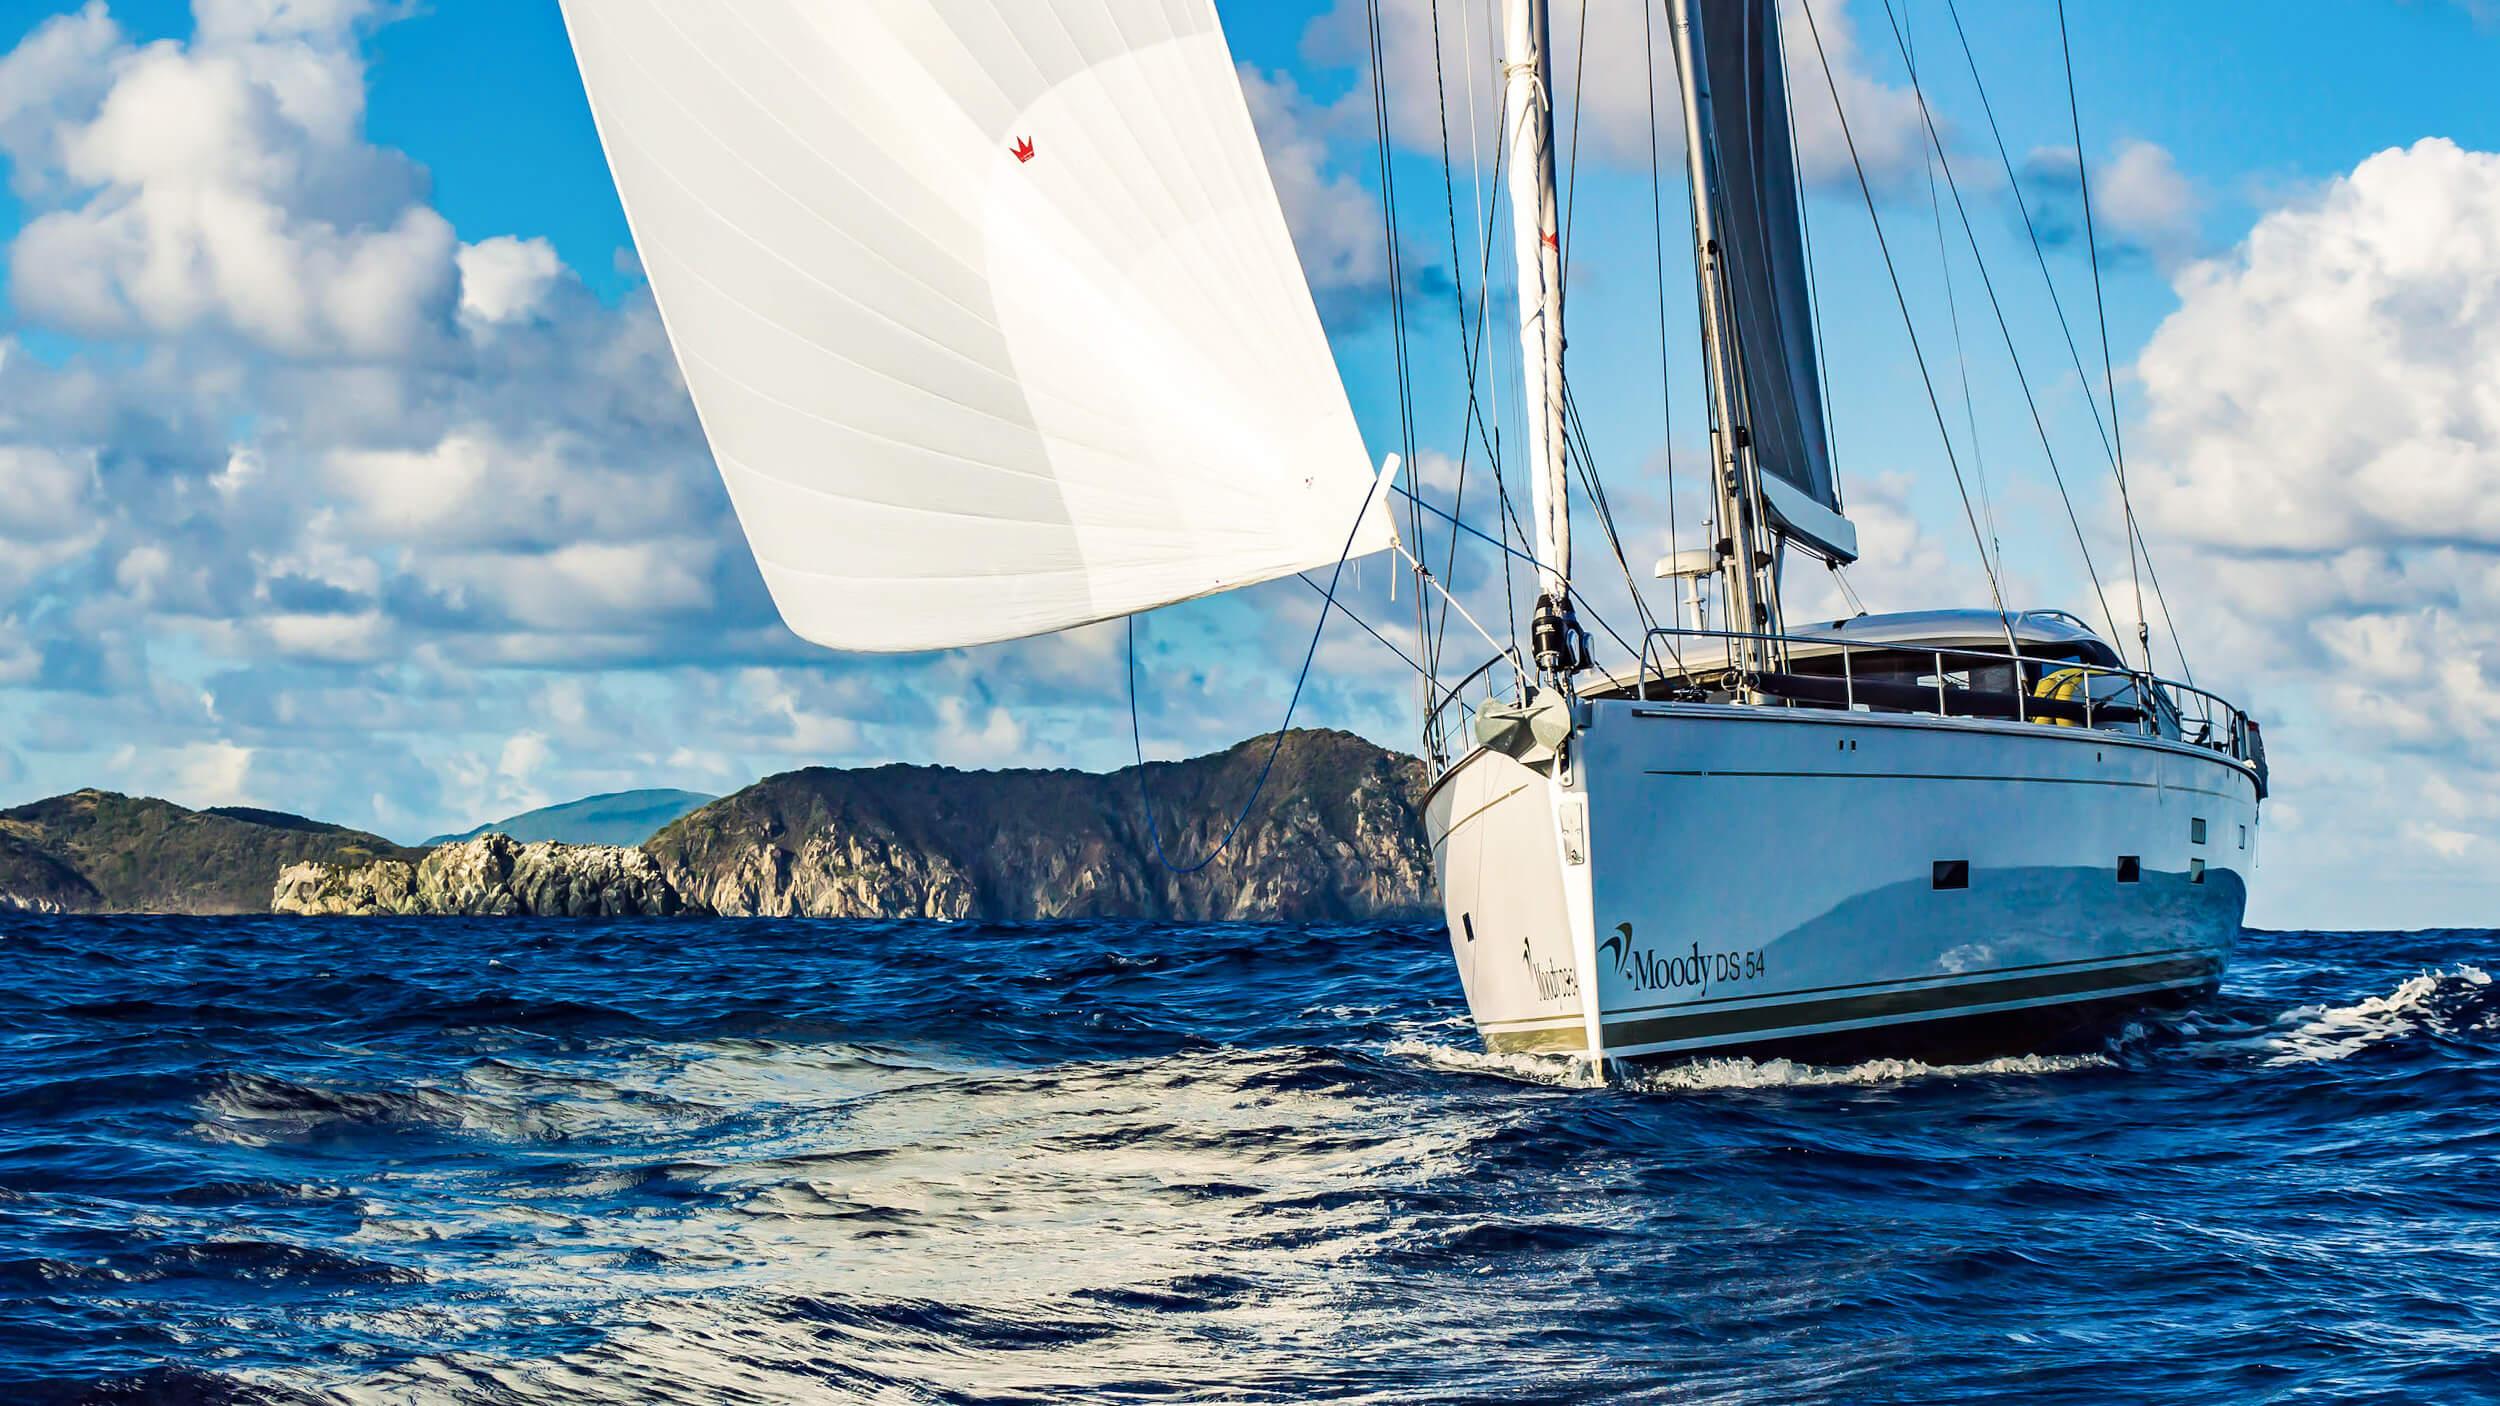 Flying-Fish-Sailing-00049.jpg